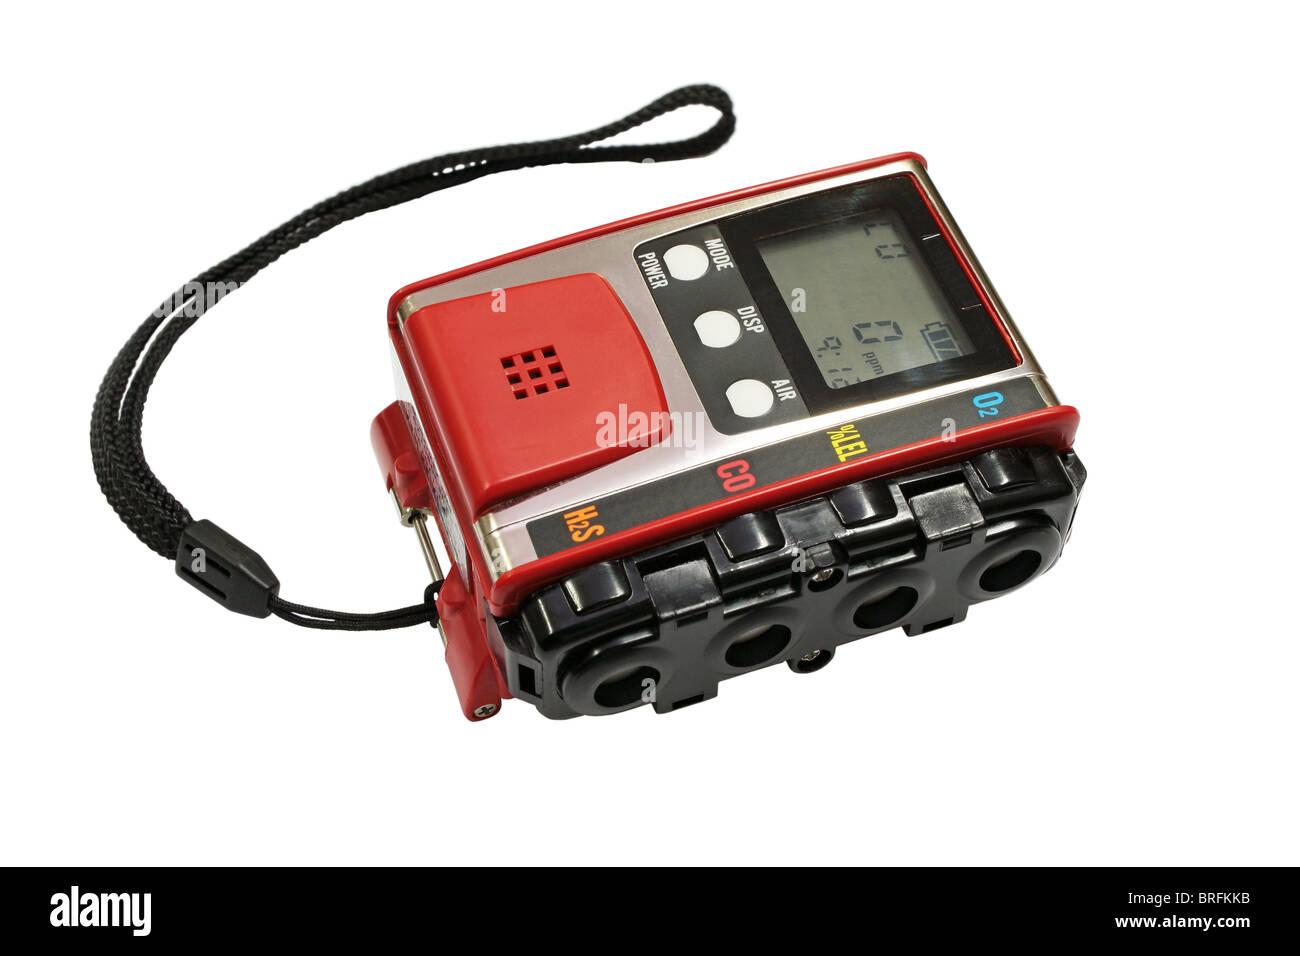 Analizador de gases. Analizador de gases, un dispositivo para medir la concentración de gases explosivos. Imagen De Stock